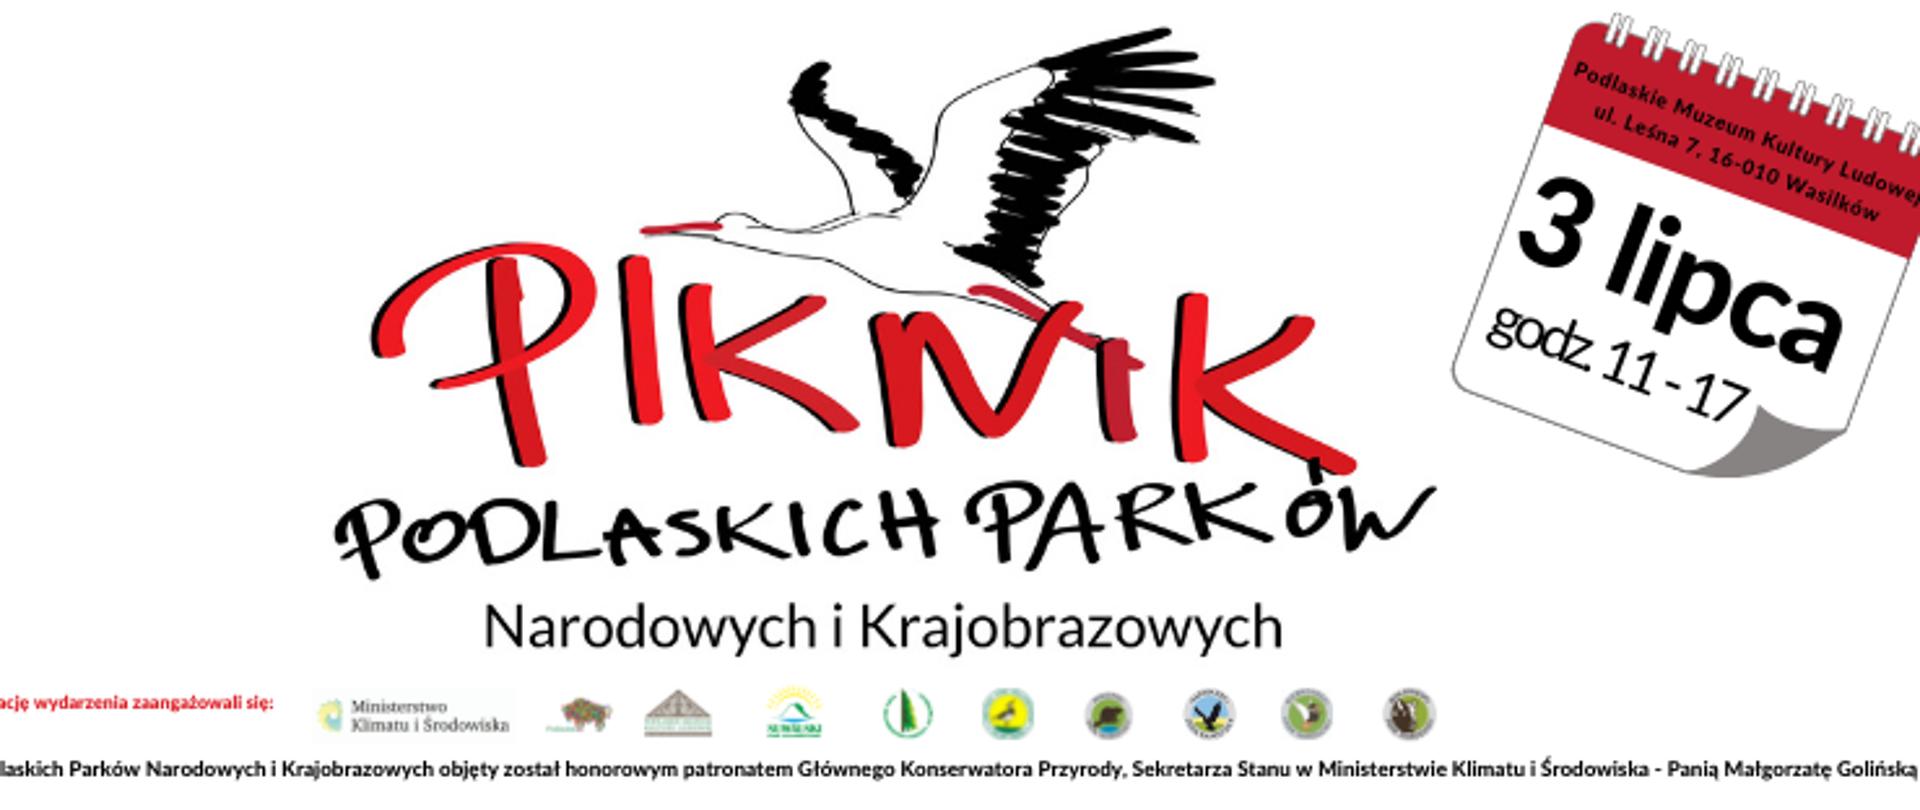 Piknik Podlaskich PN